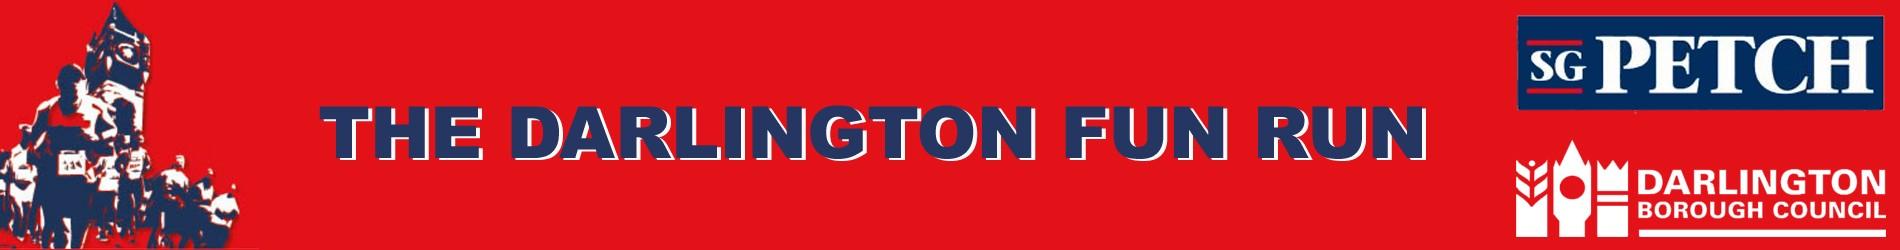 The Darlington Fun Run 2021